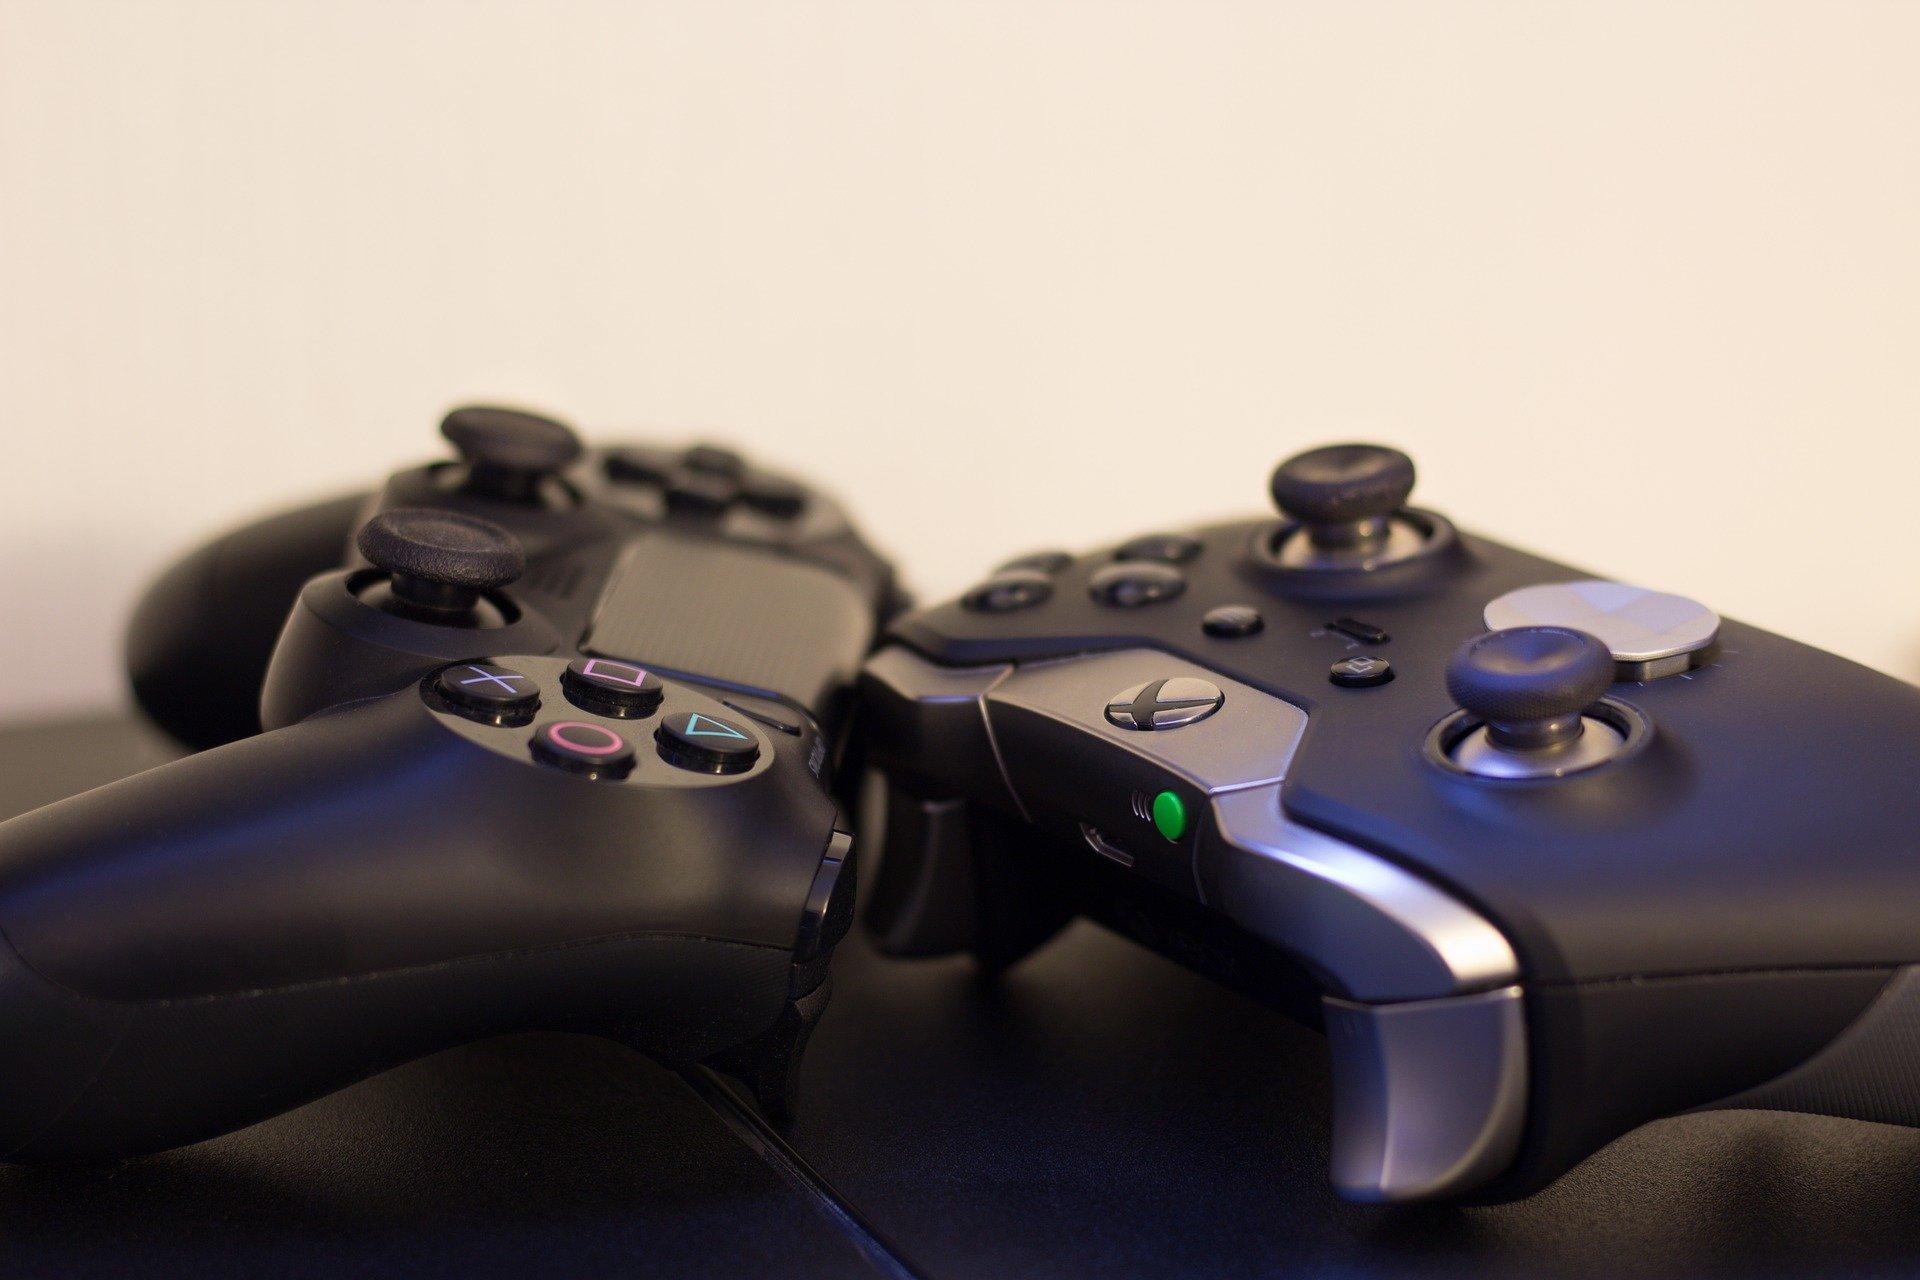 PC Gaming Controller - Alle auf einen Blick!